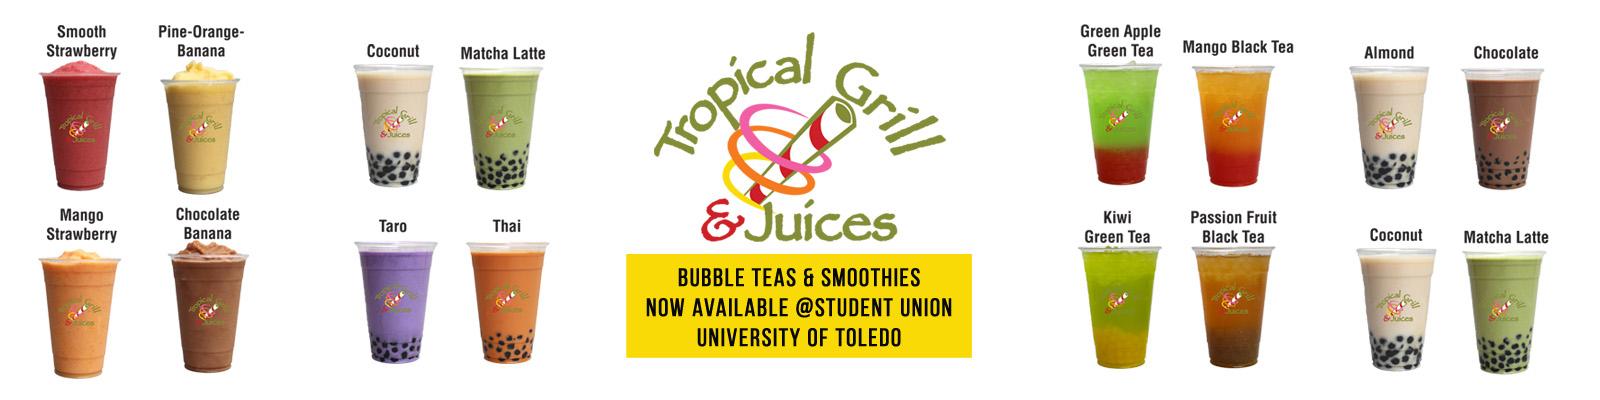 smoothies bubble teas.jpg